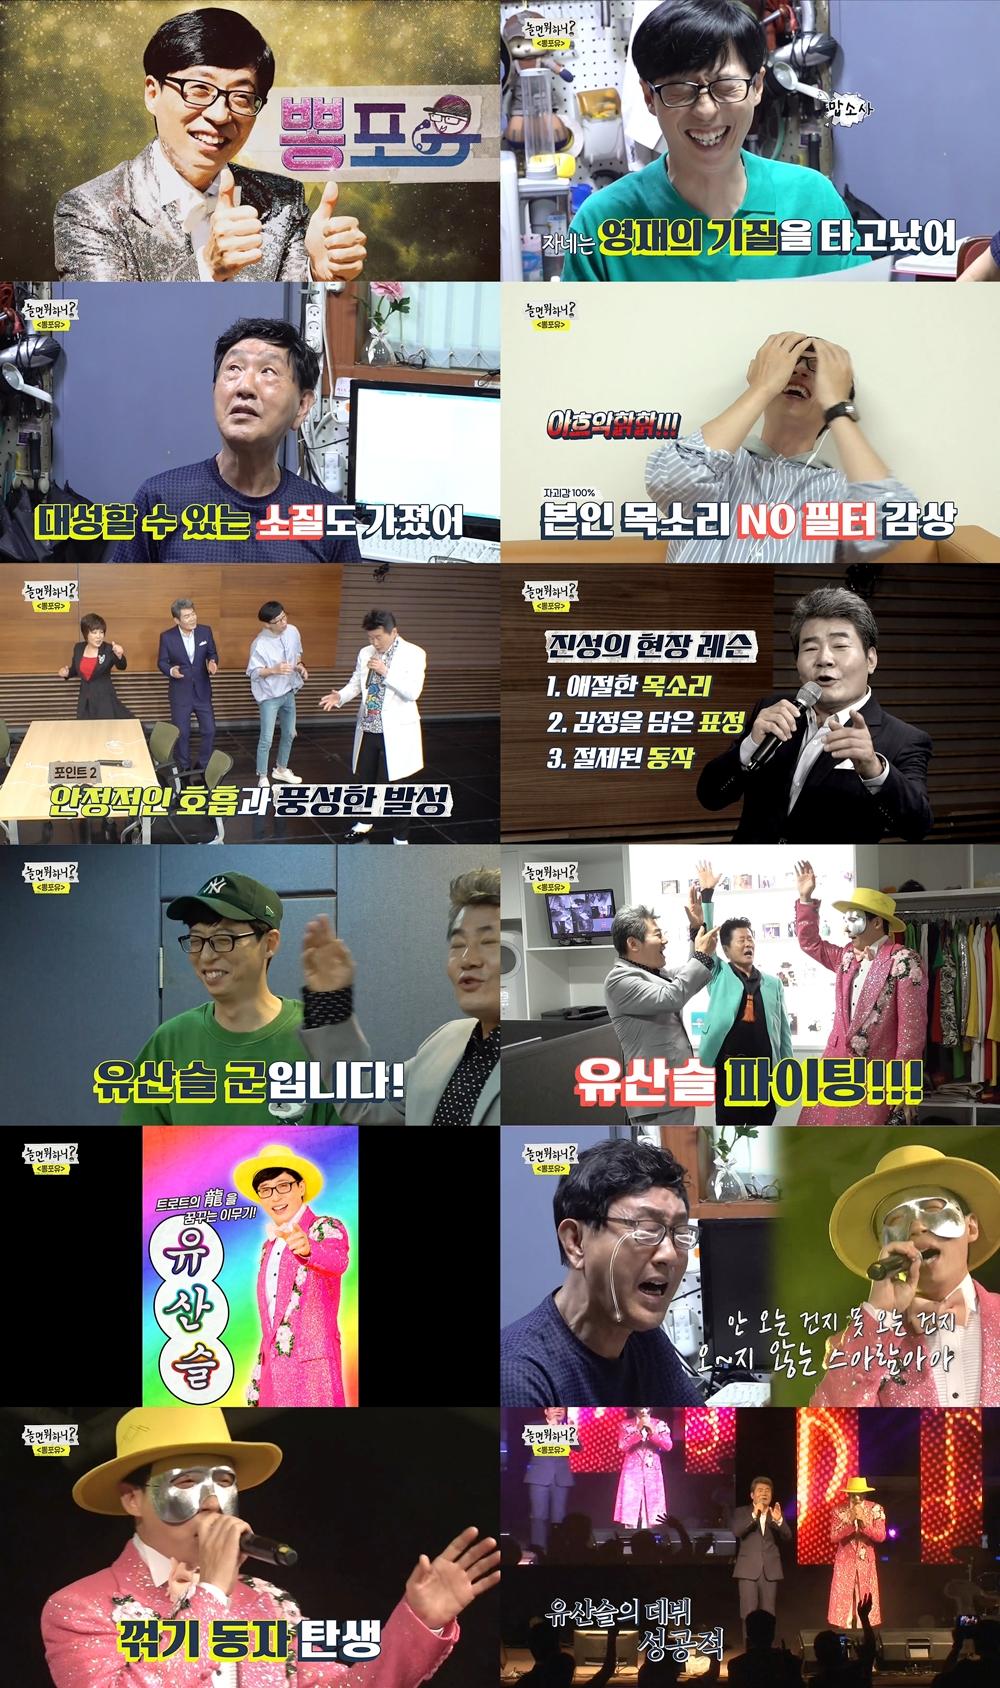 '놀면 뭐하니?' 대한민국 트로트계 이무기 '유산슬' 데뷔! 트로트계 지각변동 예고